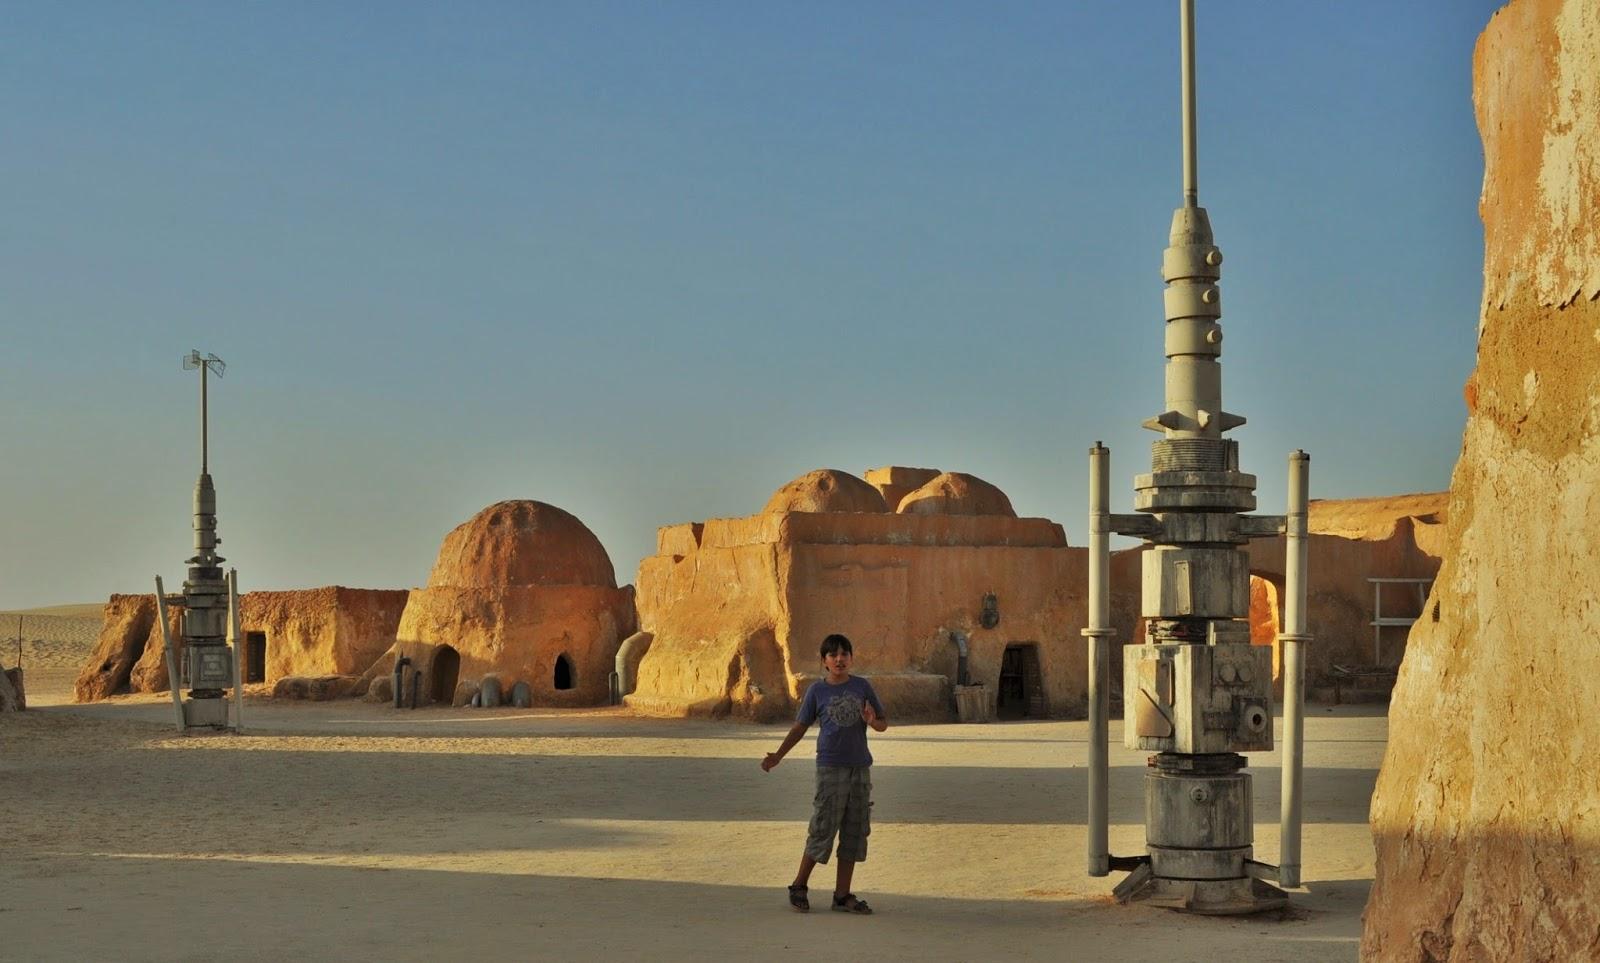 Ами да, точно така! Това е звездното градче от култовата продукция Star wars, което за жалост тъне в разруха. В момента се обсъждат начини за набиране на средства с които да бъде възстановено.